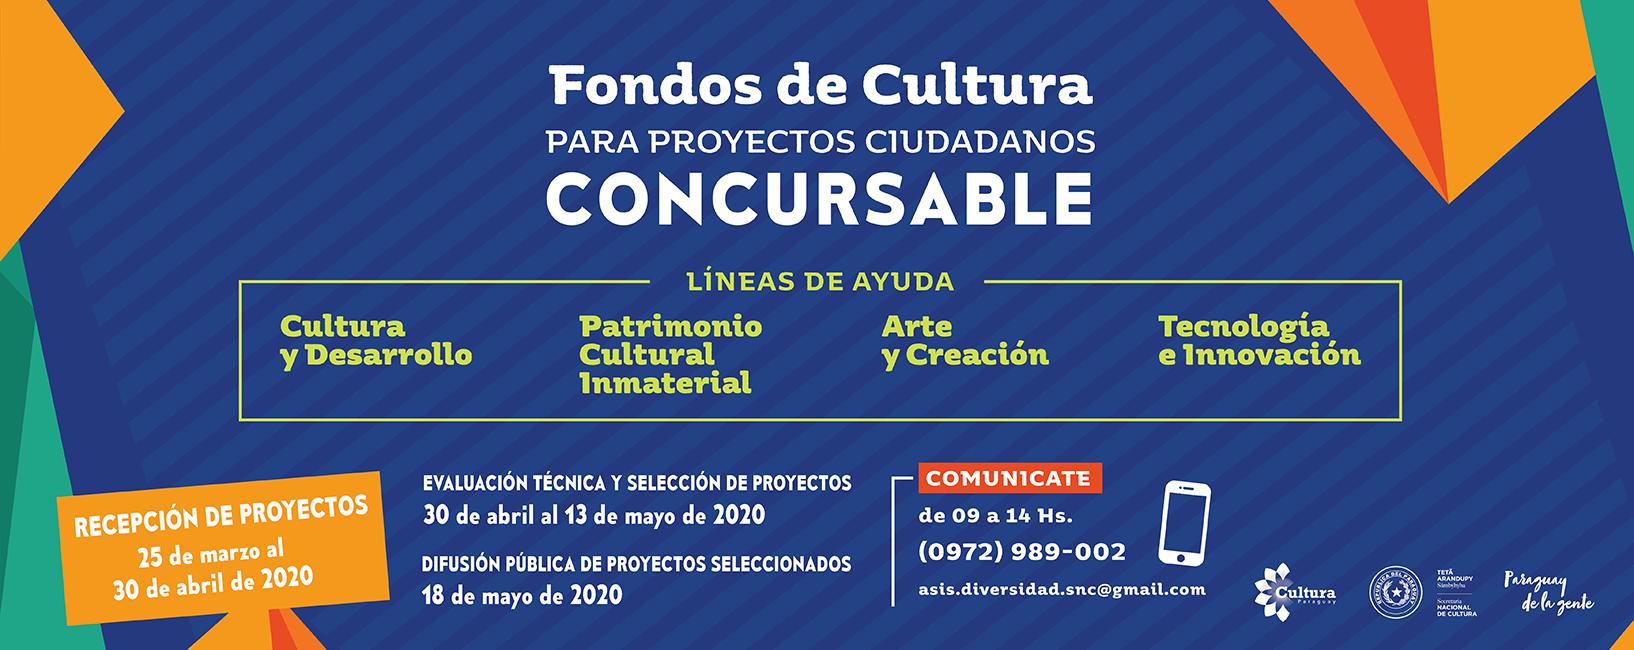 Fondos de Cultura para Proyectos Ciudadanos 2020 imagen